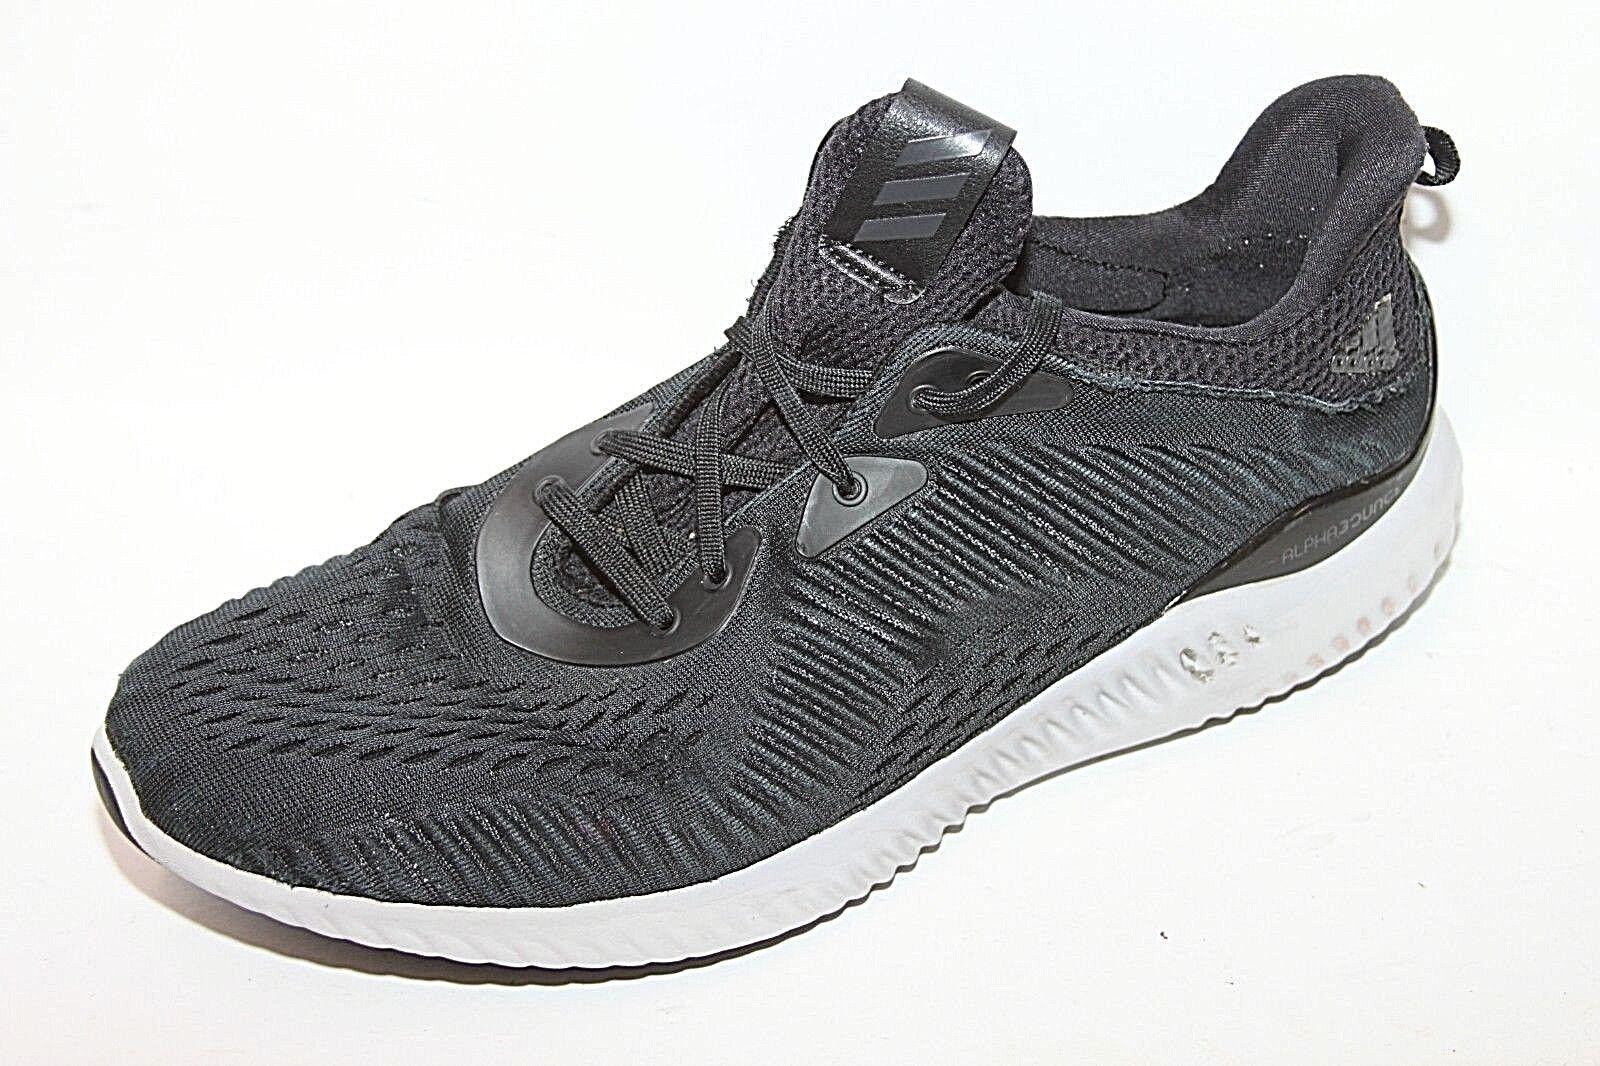 Zapatillas de deporte adidas Alphabounce EM M R Core Negro Gris Hombres Zapatillas BY4264 Sz 10